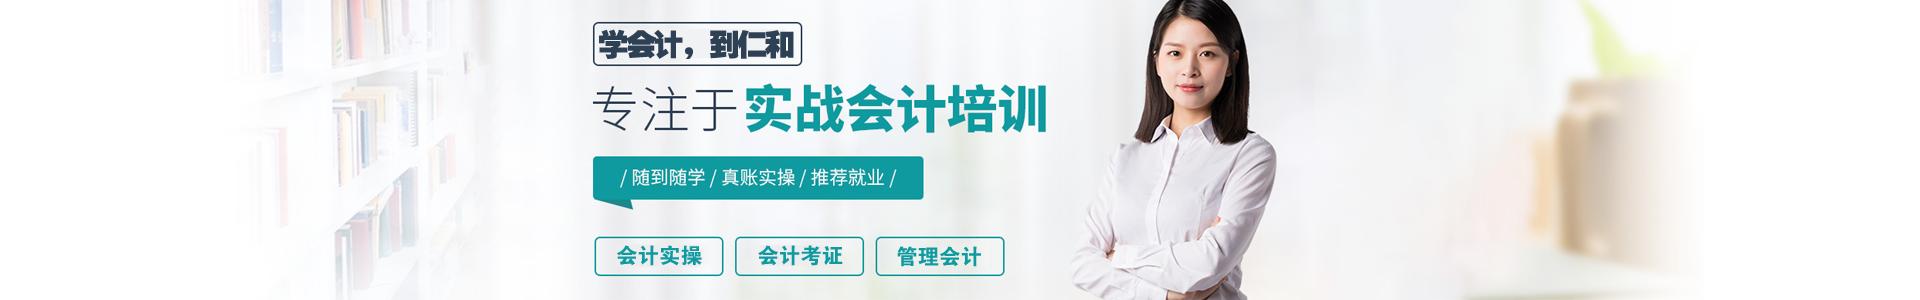 杭州仁和会计培训学校